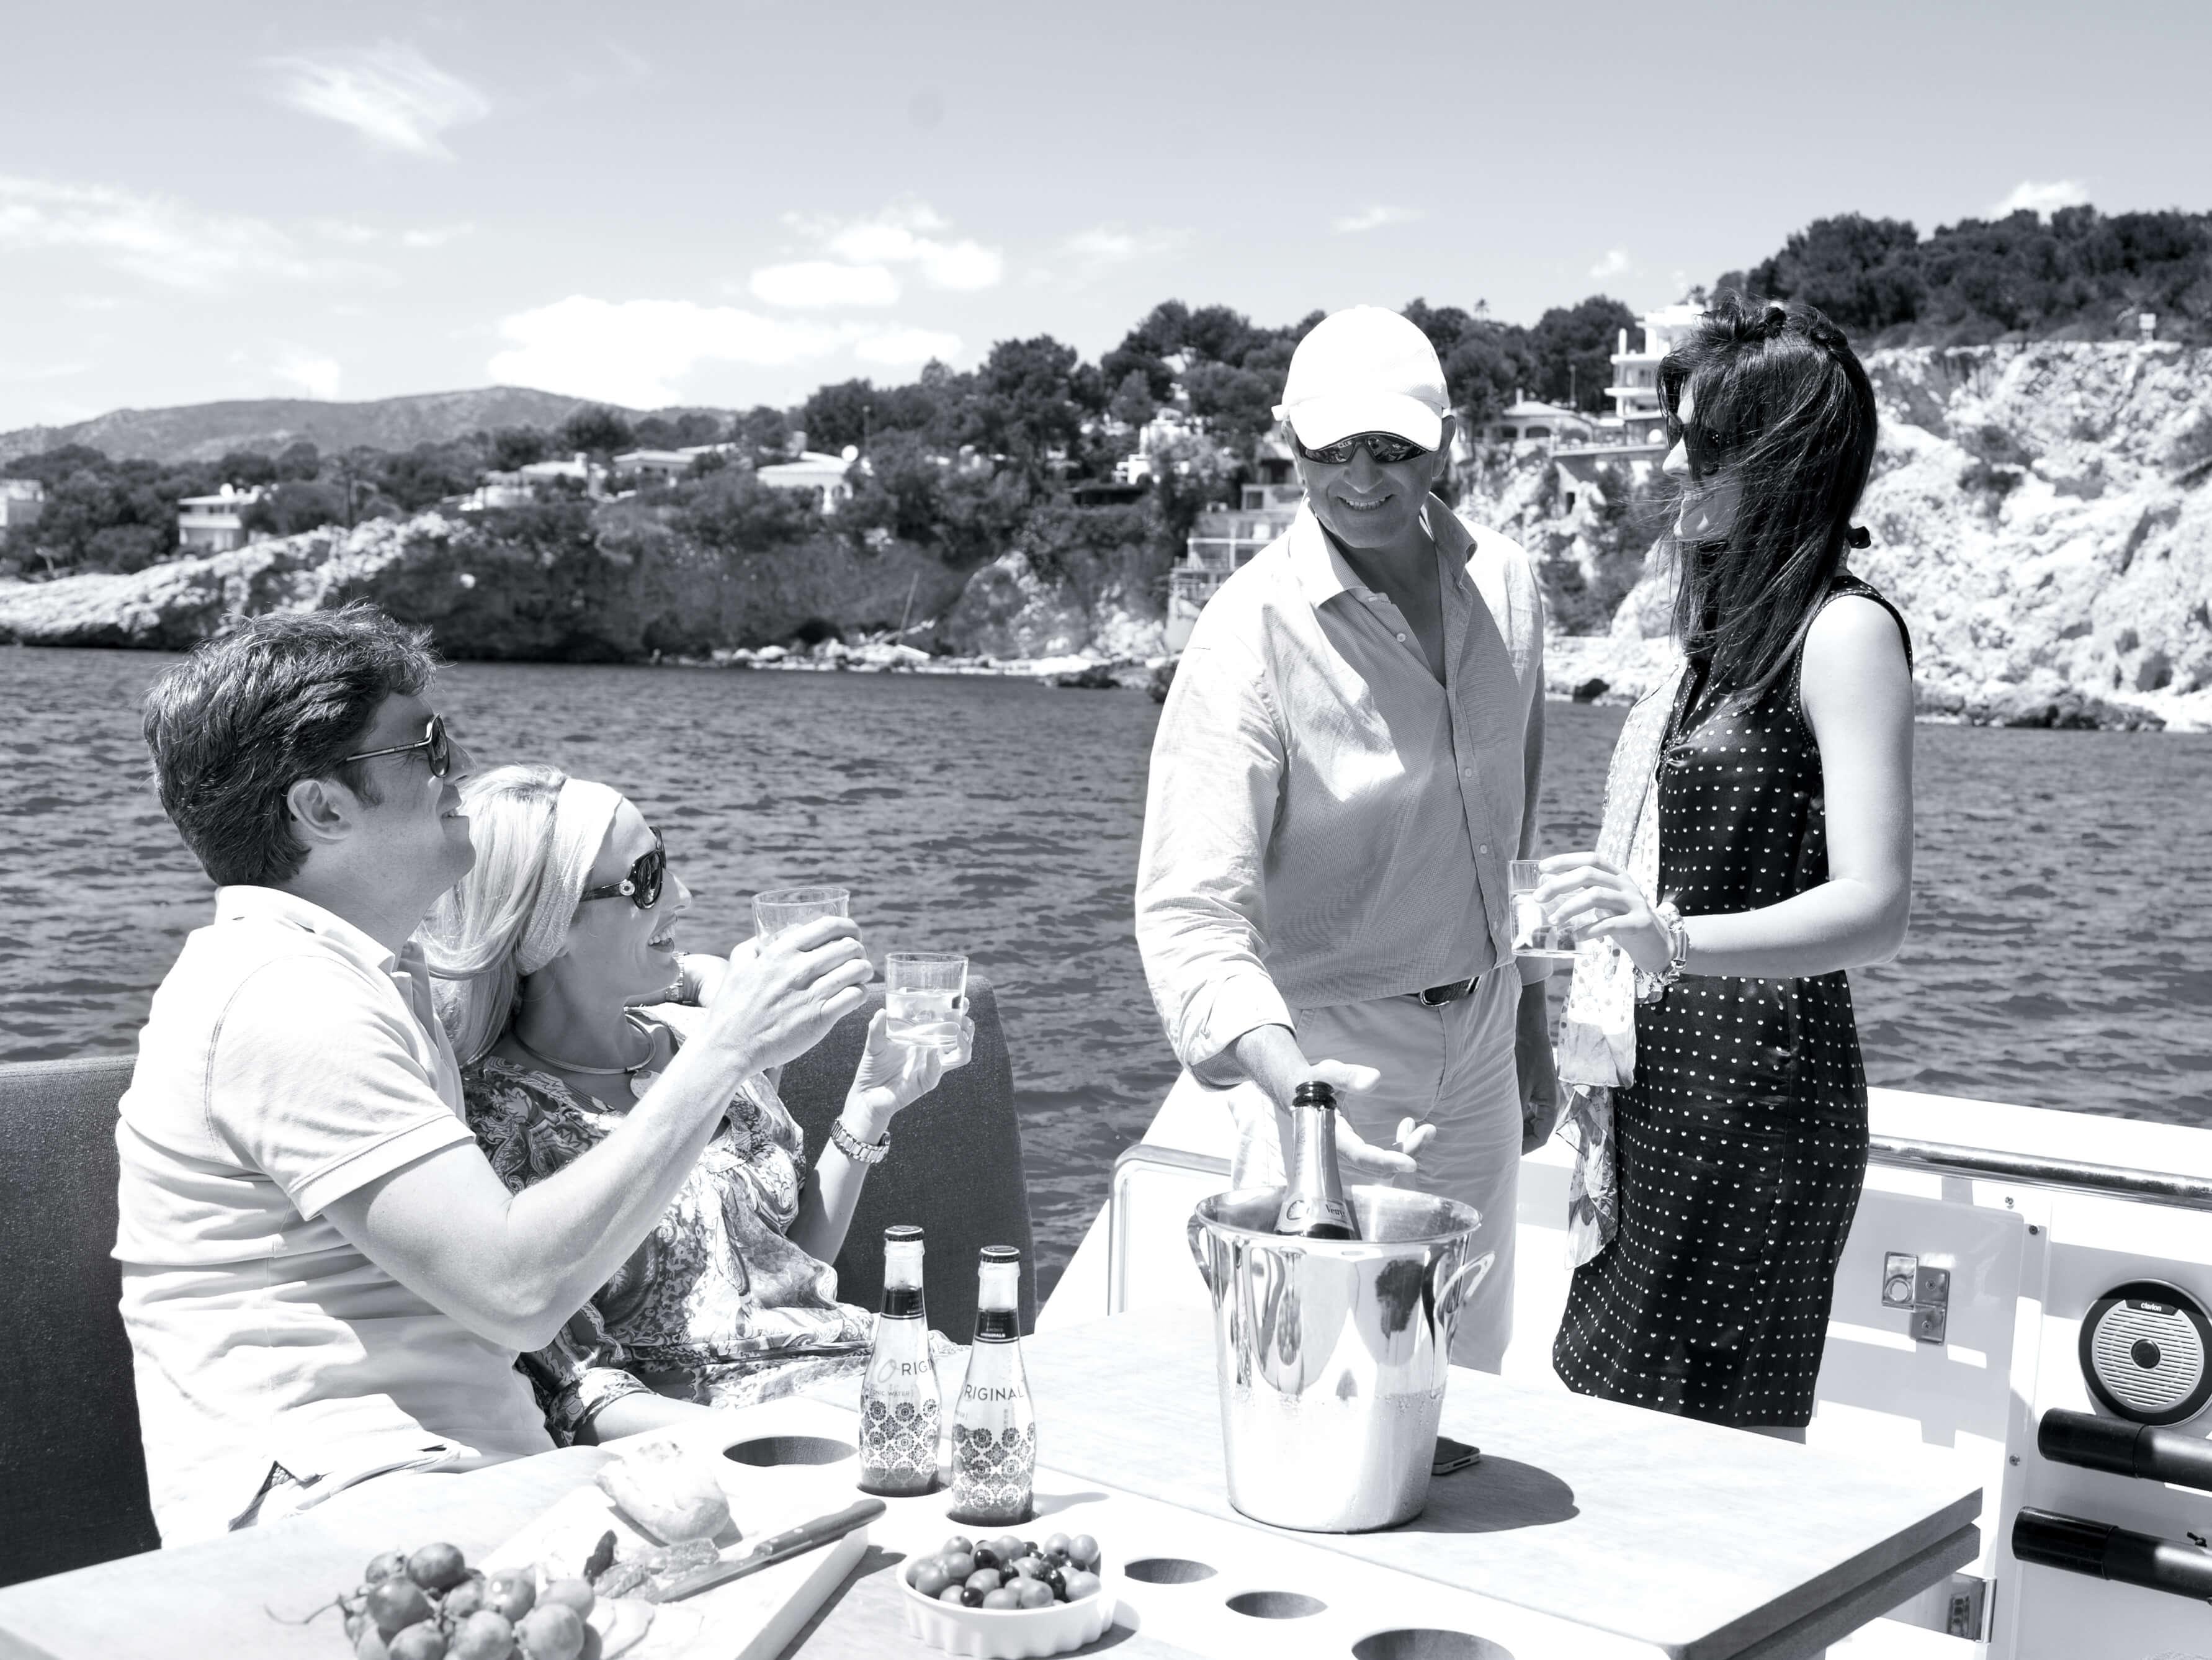 Fjord 40 open Außenansicht Fahrt | Tisch, Flaschenhalter | Fjord